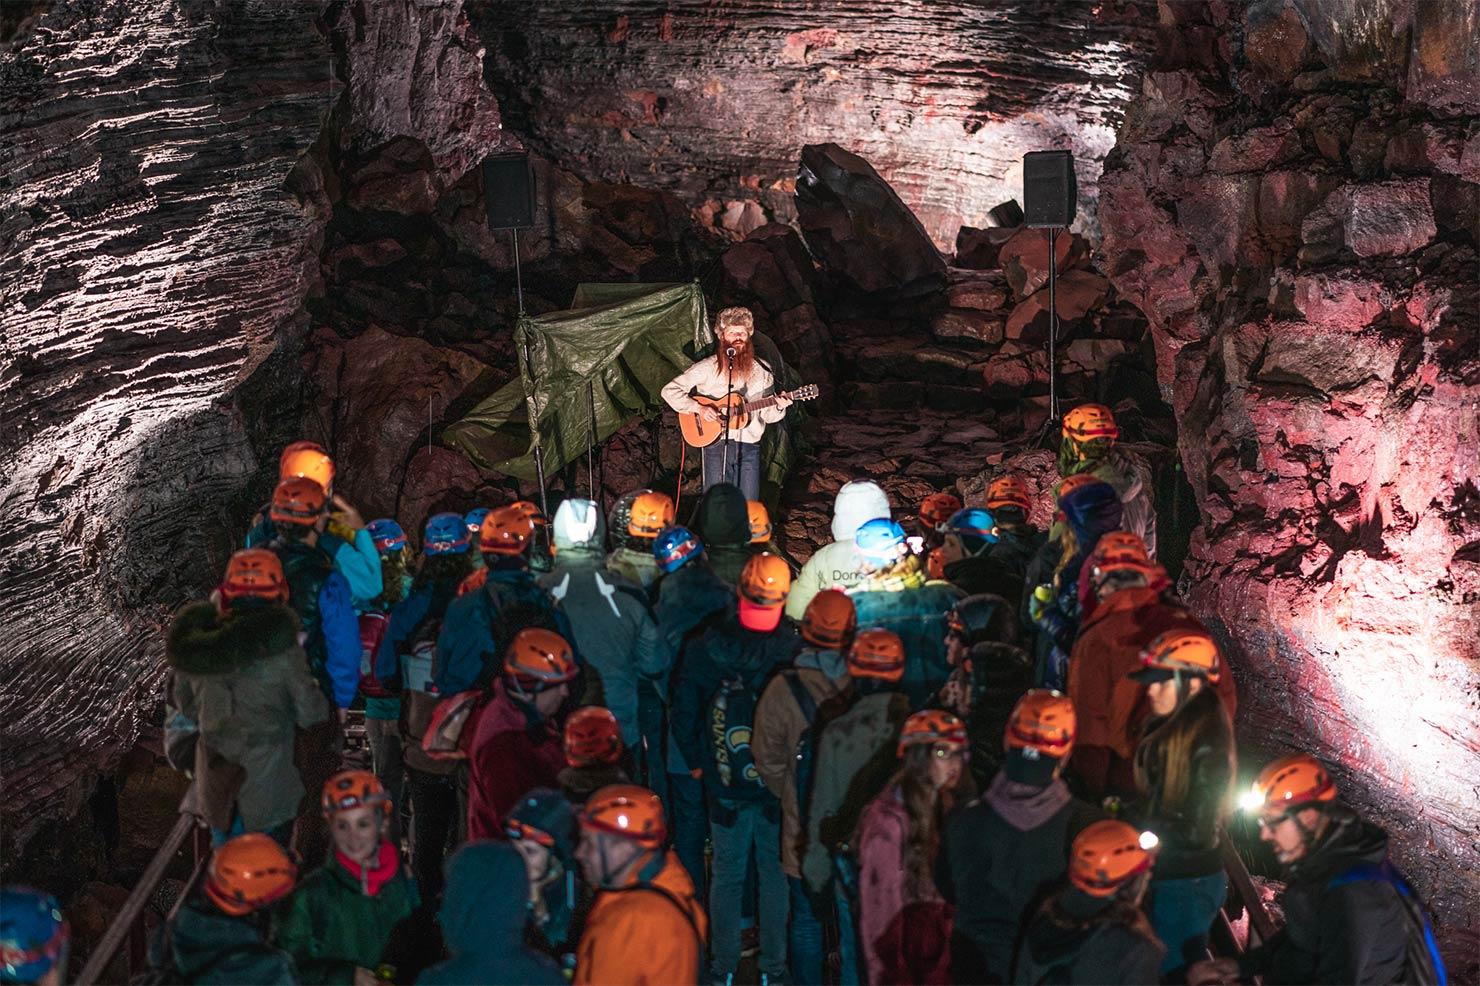 洞窟には、反響がきくアコースティックな環境が自然